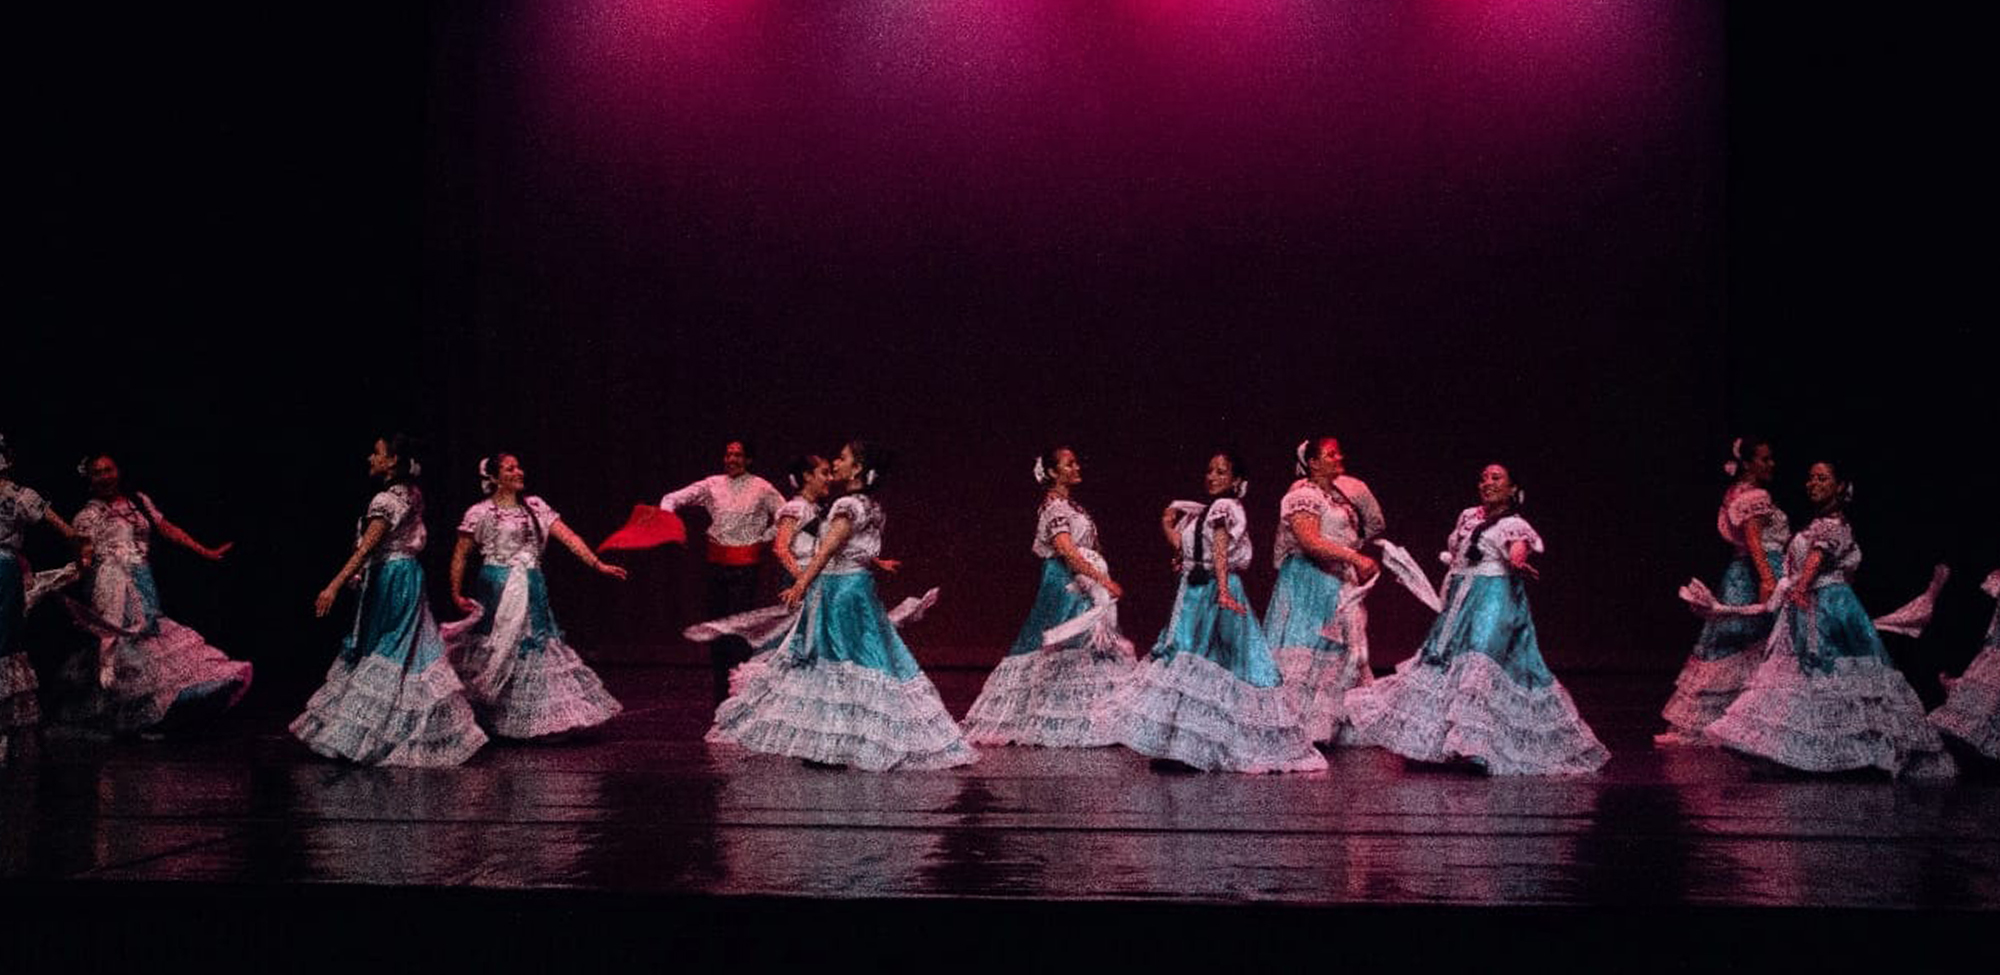 La danza: movimientos y aprendizaje más allá del escenario